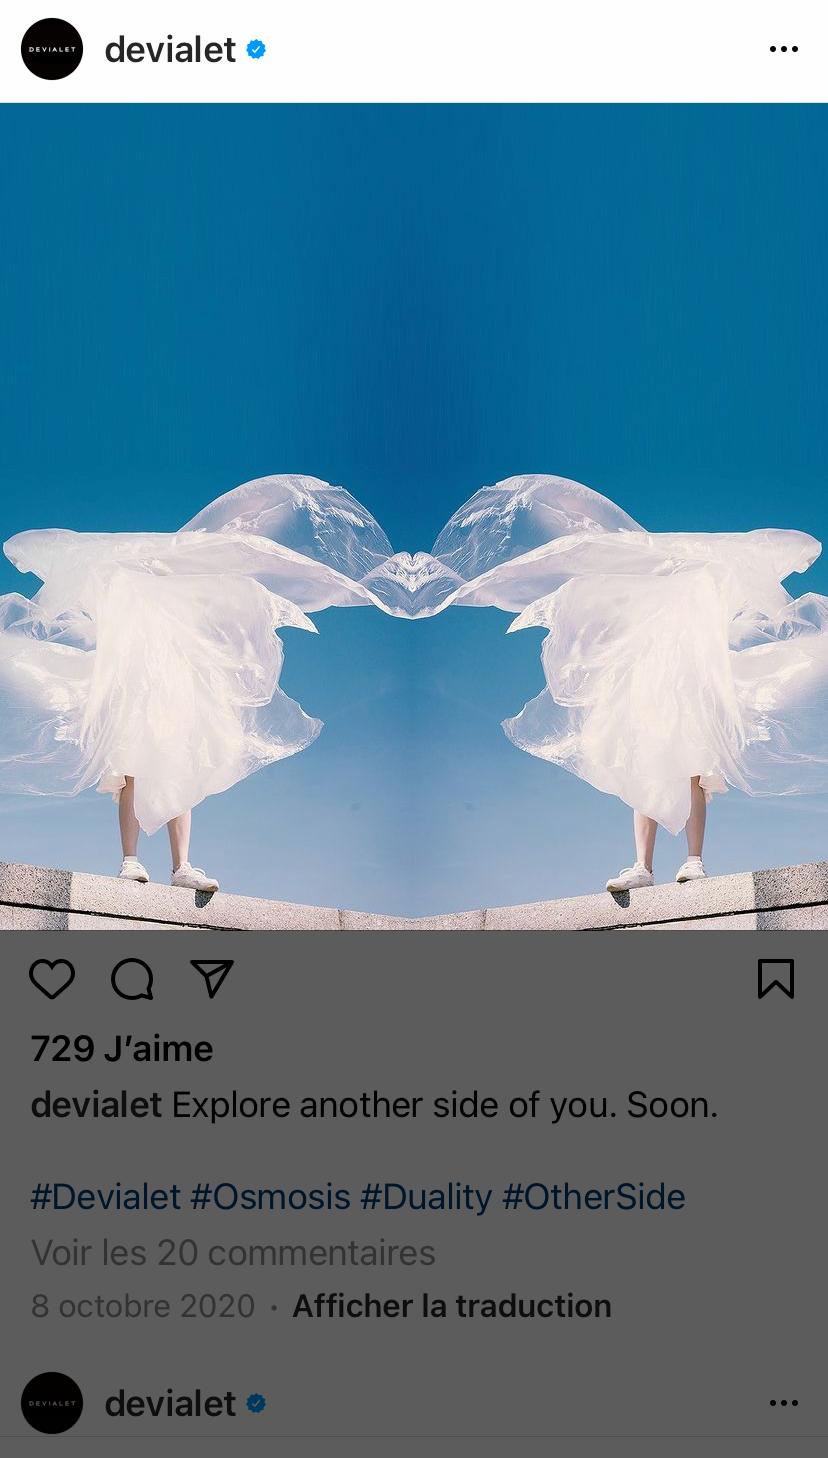 mise-en-situ-instagram-devialet